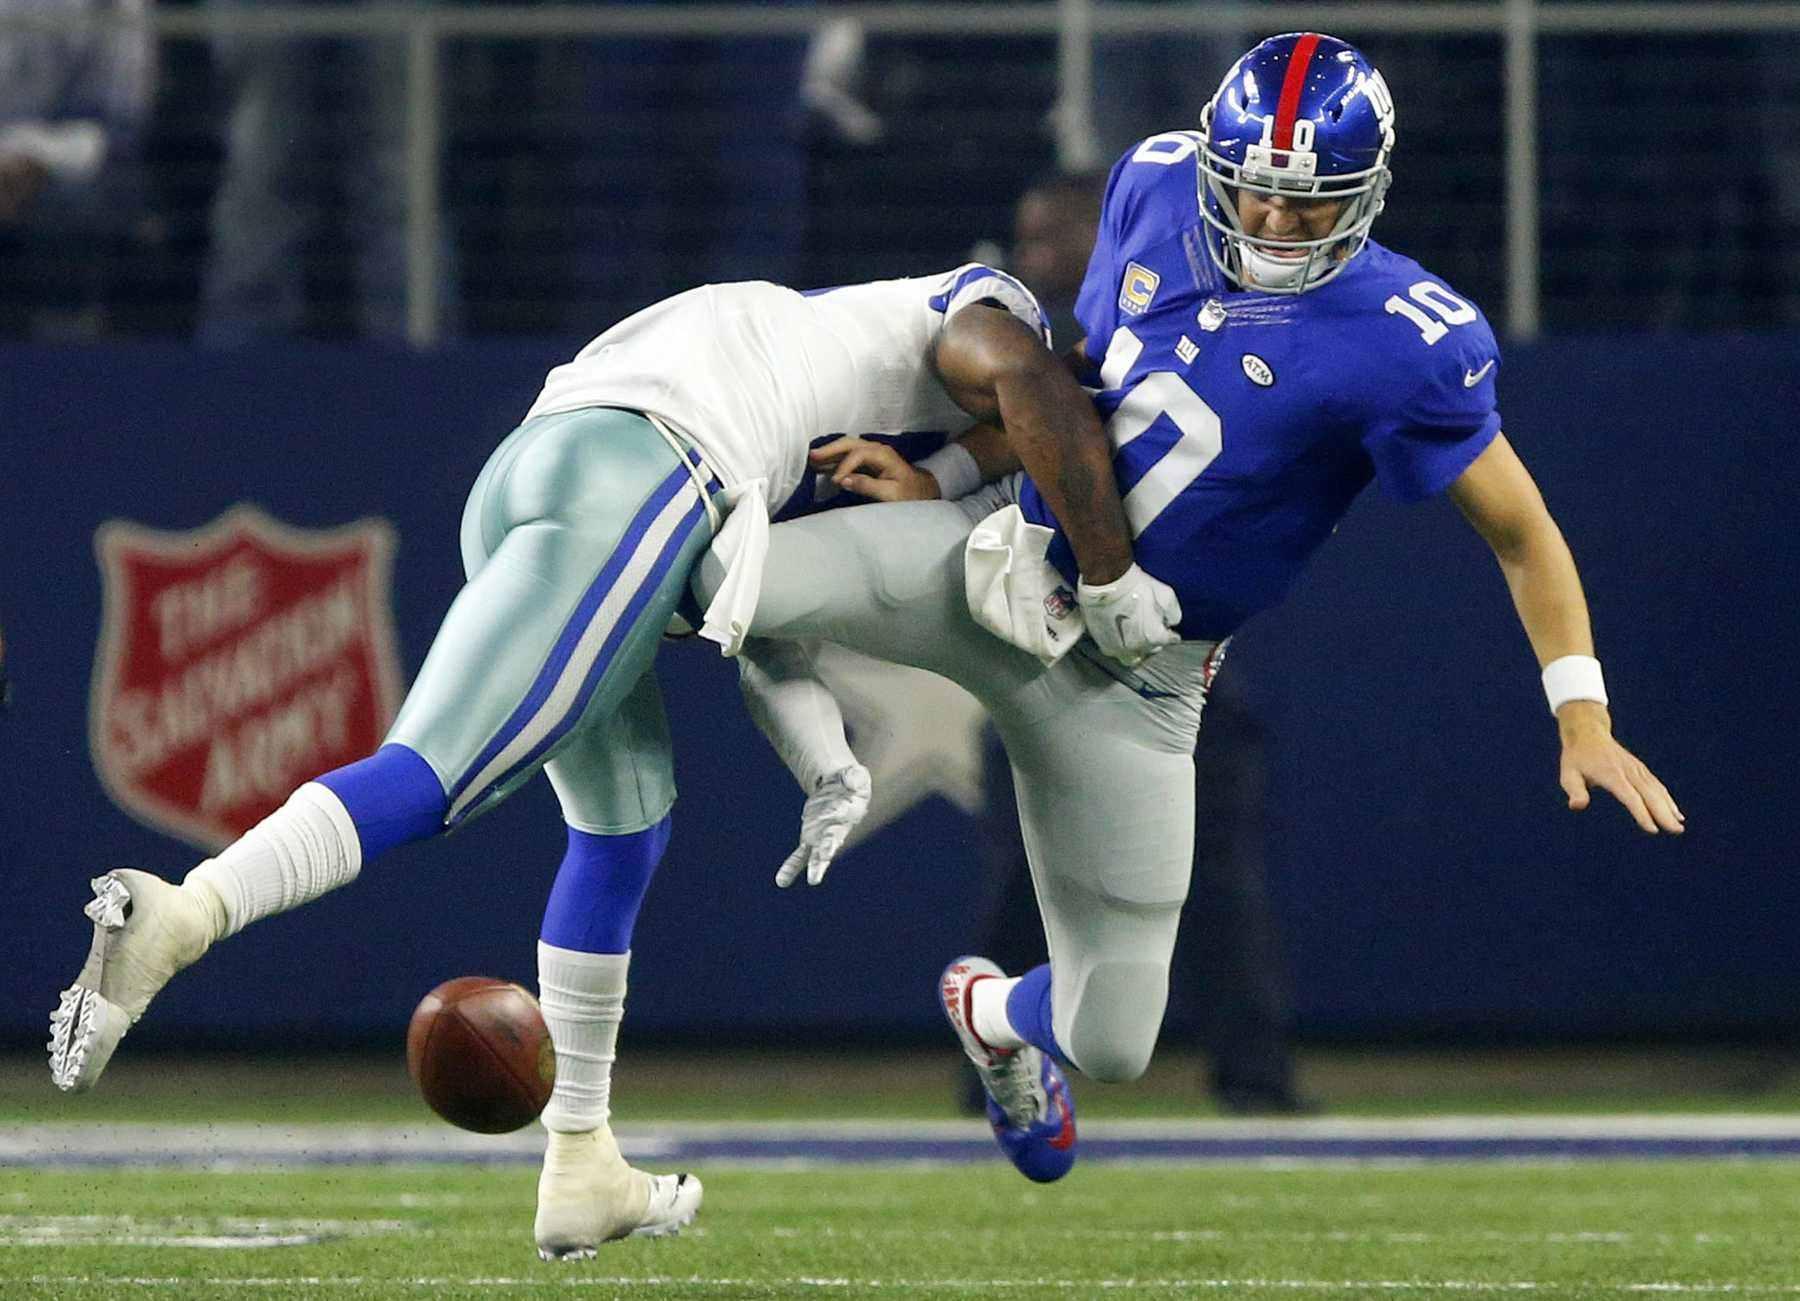 Cowboys Blog - Dallas Cowboys At New York Giants: 5 Bold Predictions